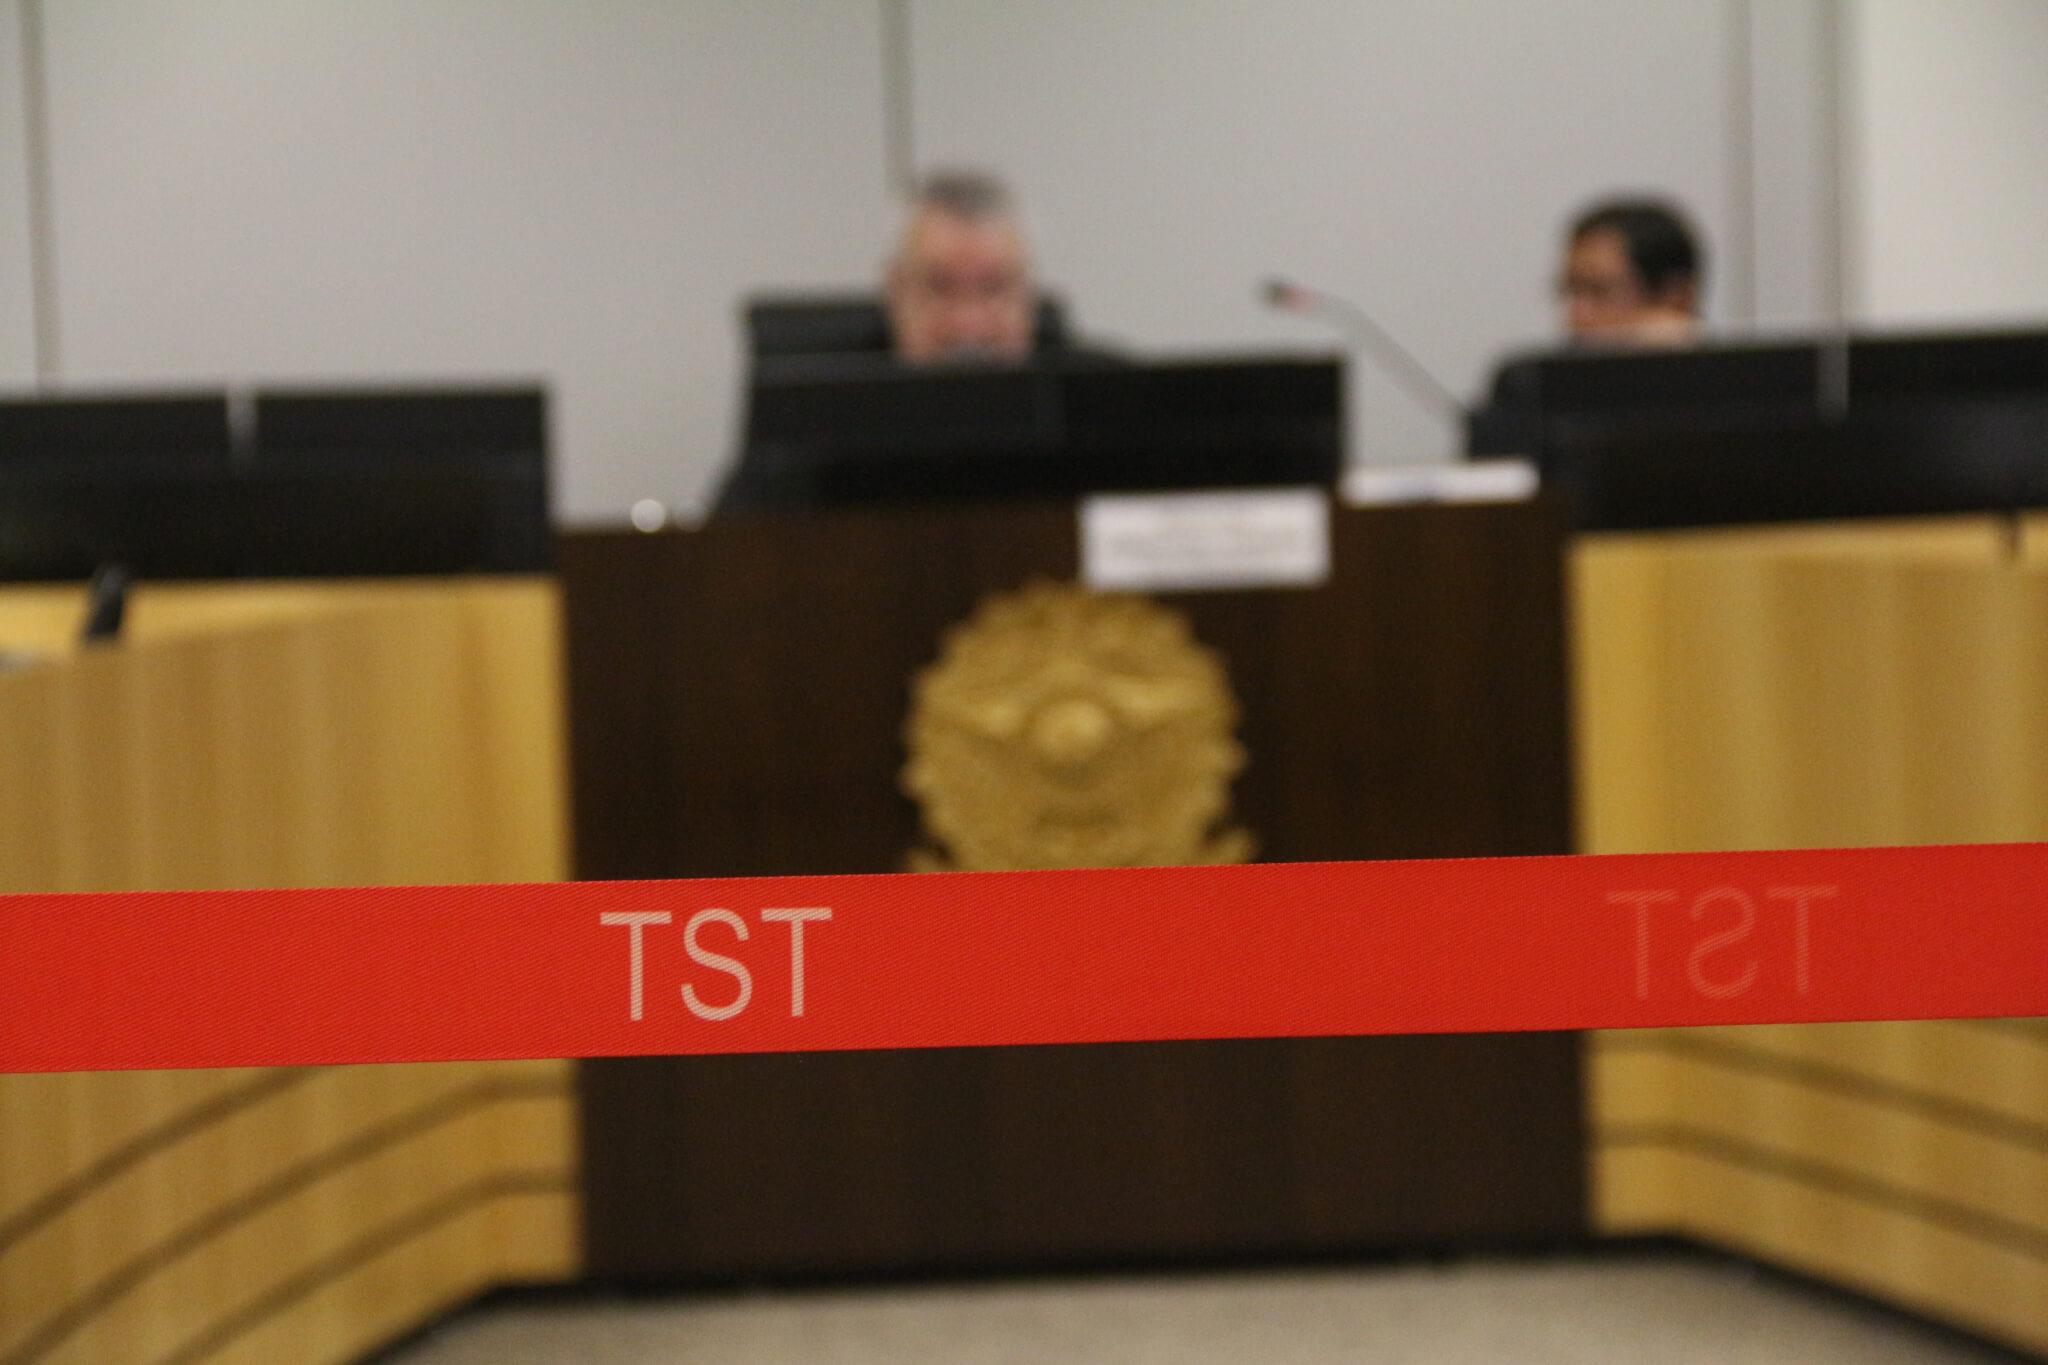 Sindicato Nacional dos Aeroviários convoca categoria para assembleias itinerantes nos dias 11 e 12 e sinaliza grande ato em alguns dos aeroportos de suas bases em 22 de de dezembro. Para as próximas rodadas de negociação, o Sindicato vai pedir mediação do TST (Tribunal Superior do Trabalho).